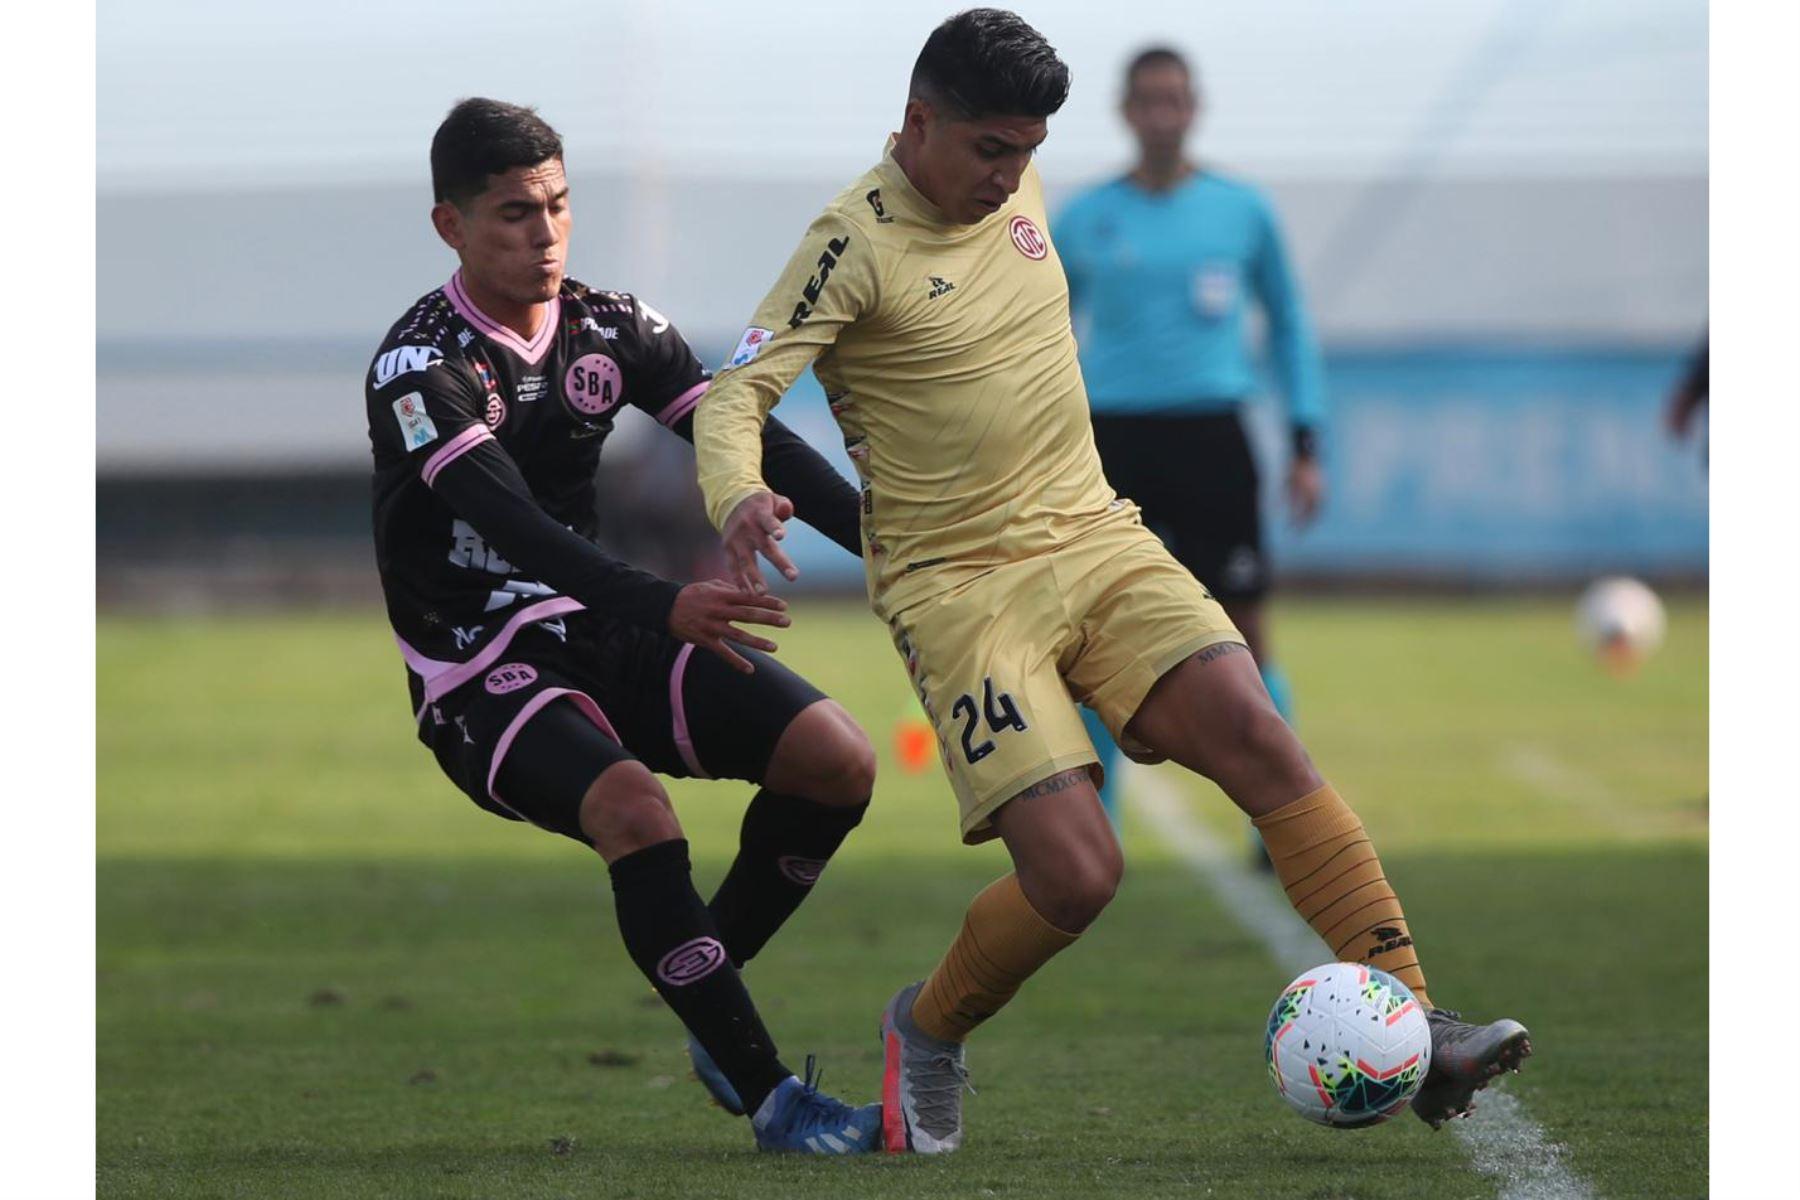 El futbolista L. Iberico del  Club UTC  domina el balón ante la marca de su rival de Sport Boys, por la jornada 10 de la Liga 1, en el estadio Alberto Gallardo.  Foto: LigaFutProf